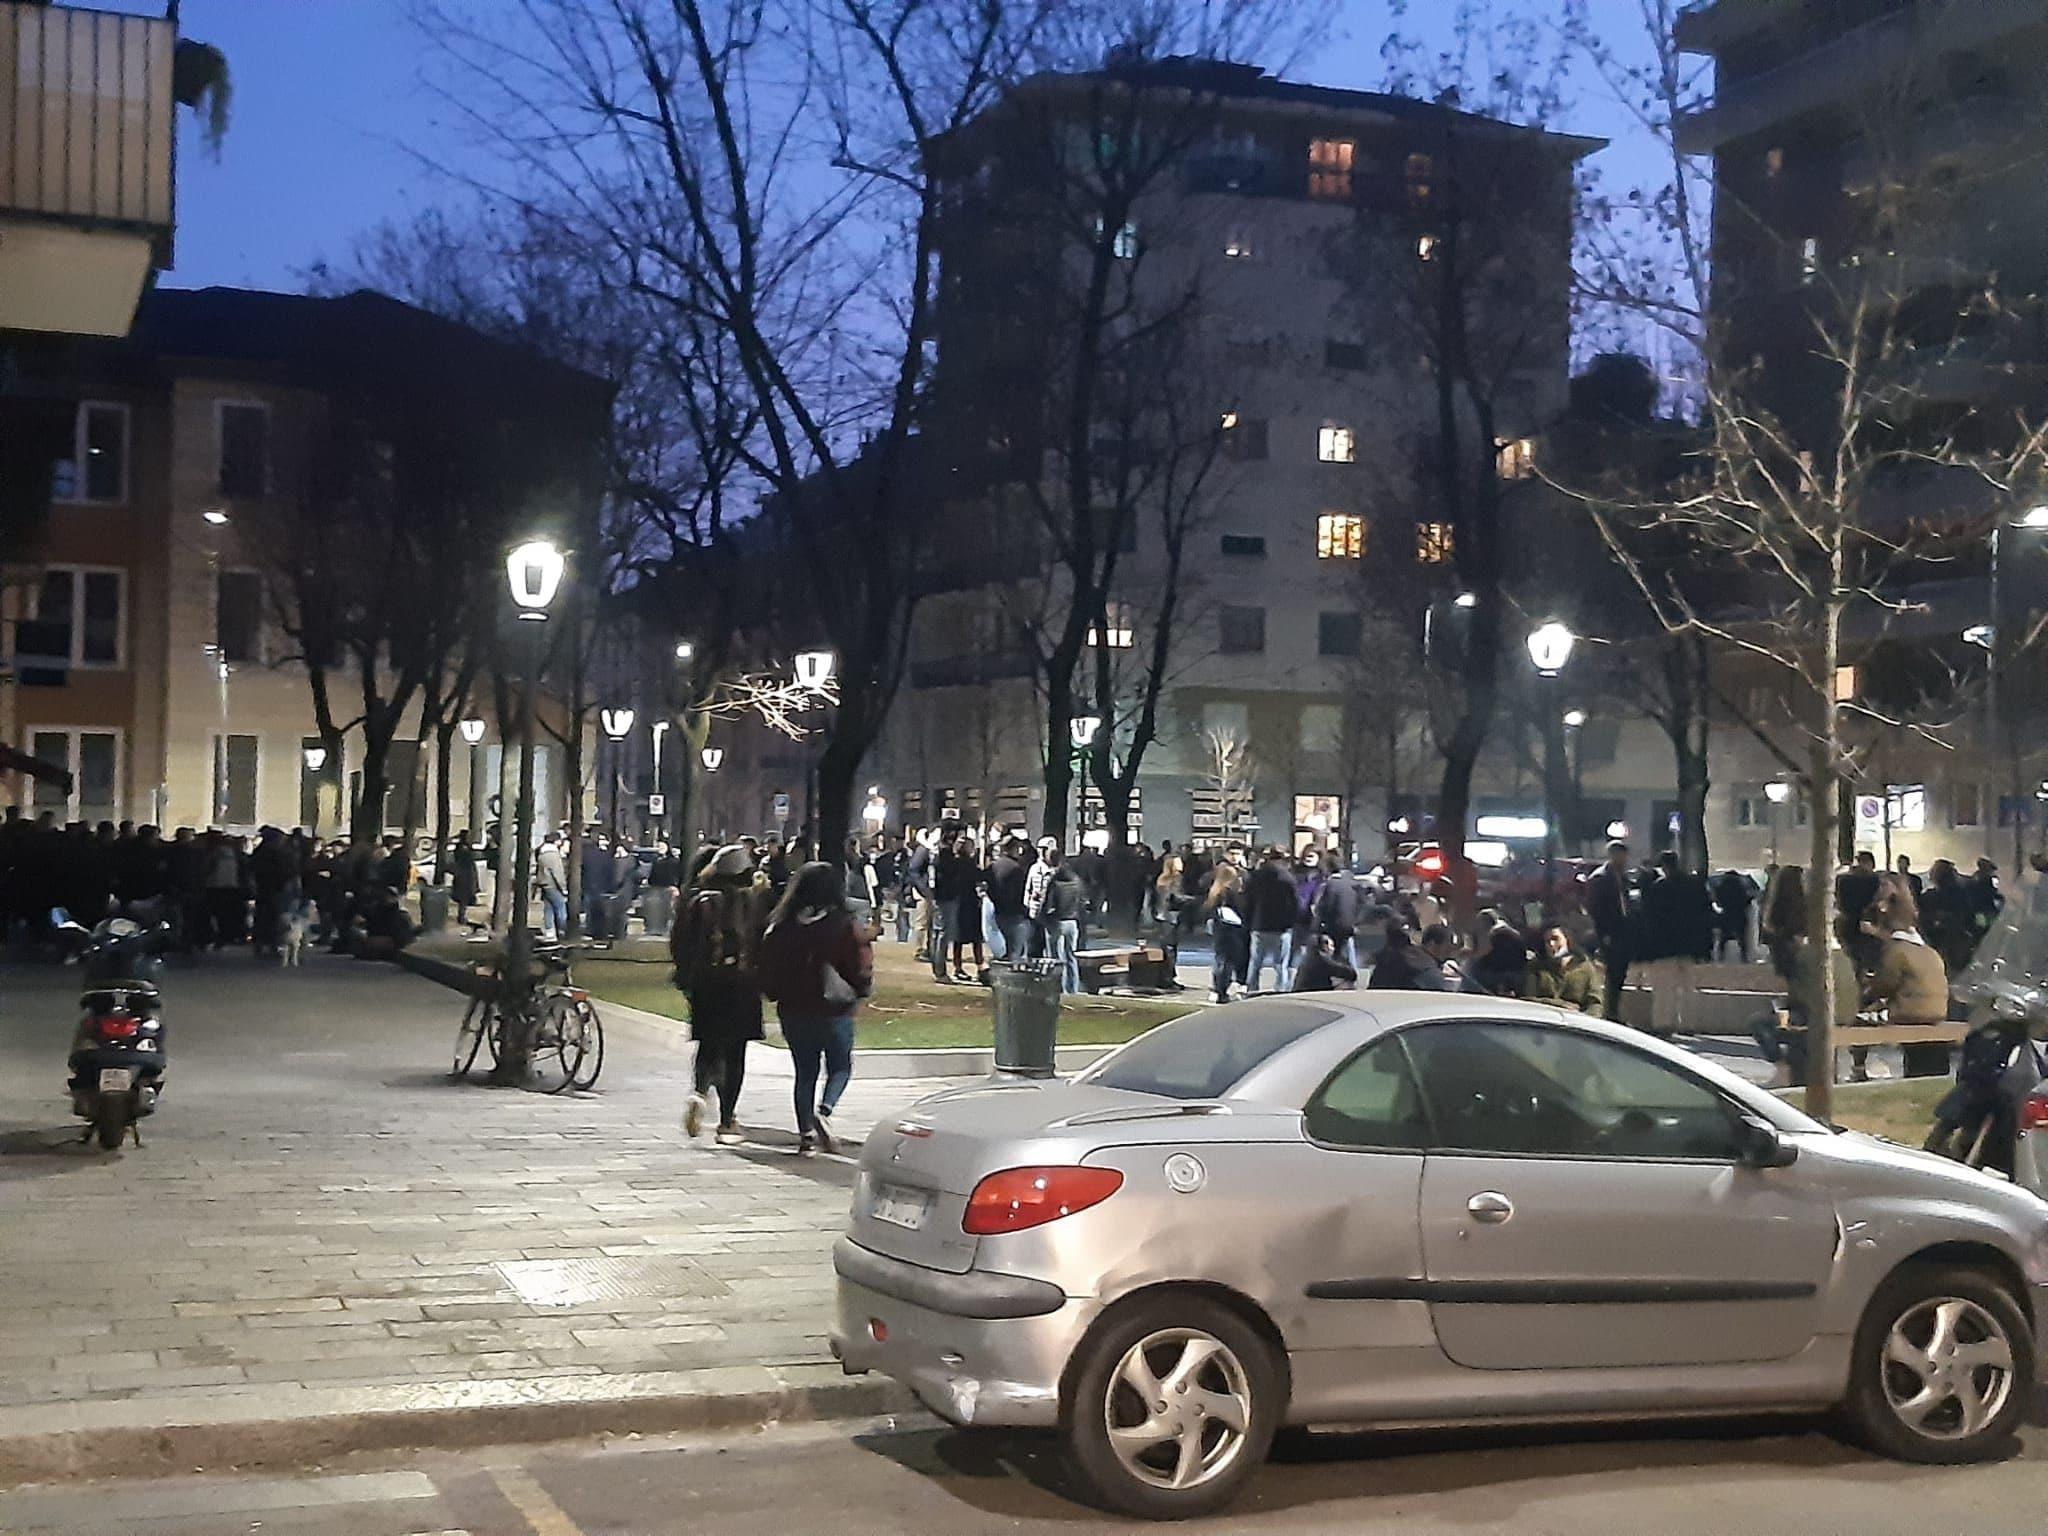 Una foto di piazzale Archinto a marzo